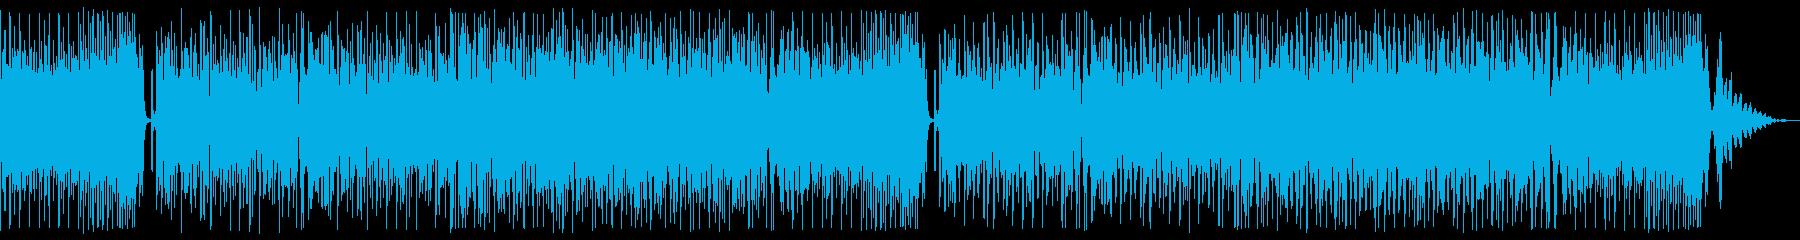 ヘビーなドラムンベースの再生済みの波形